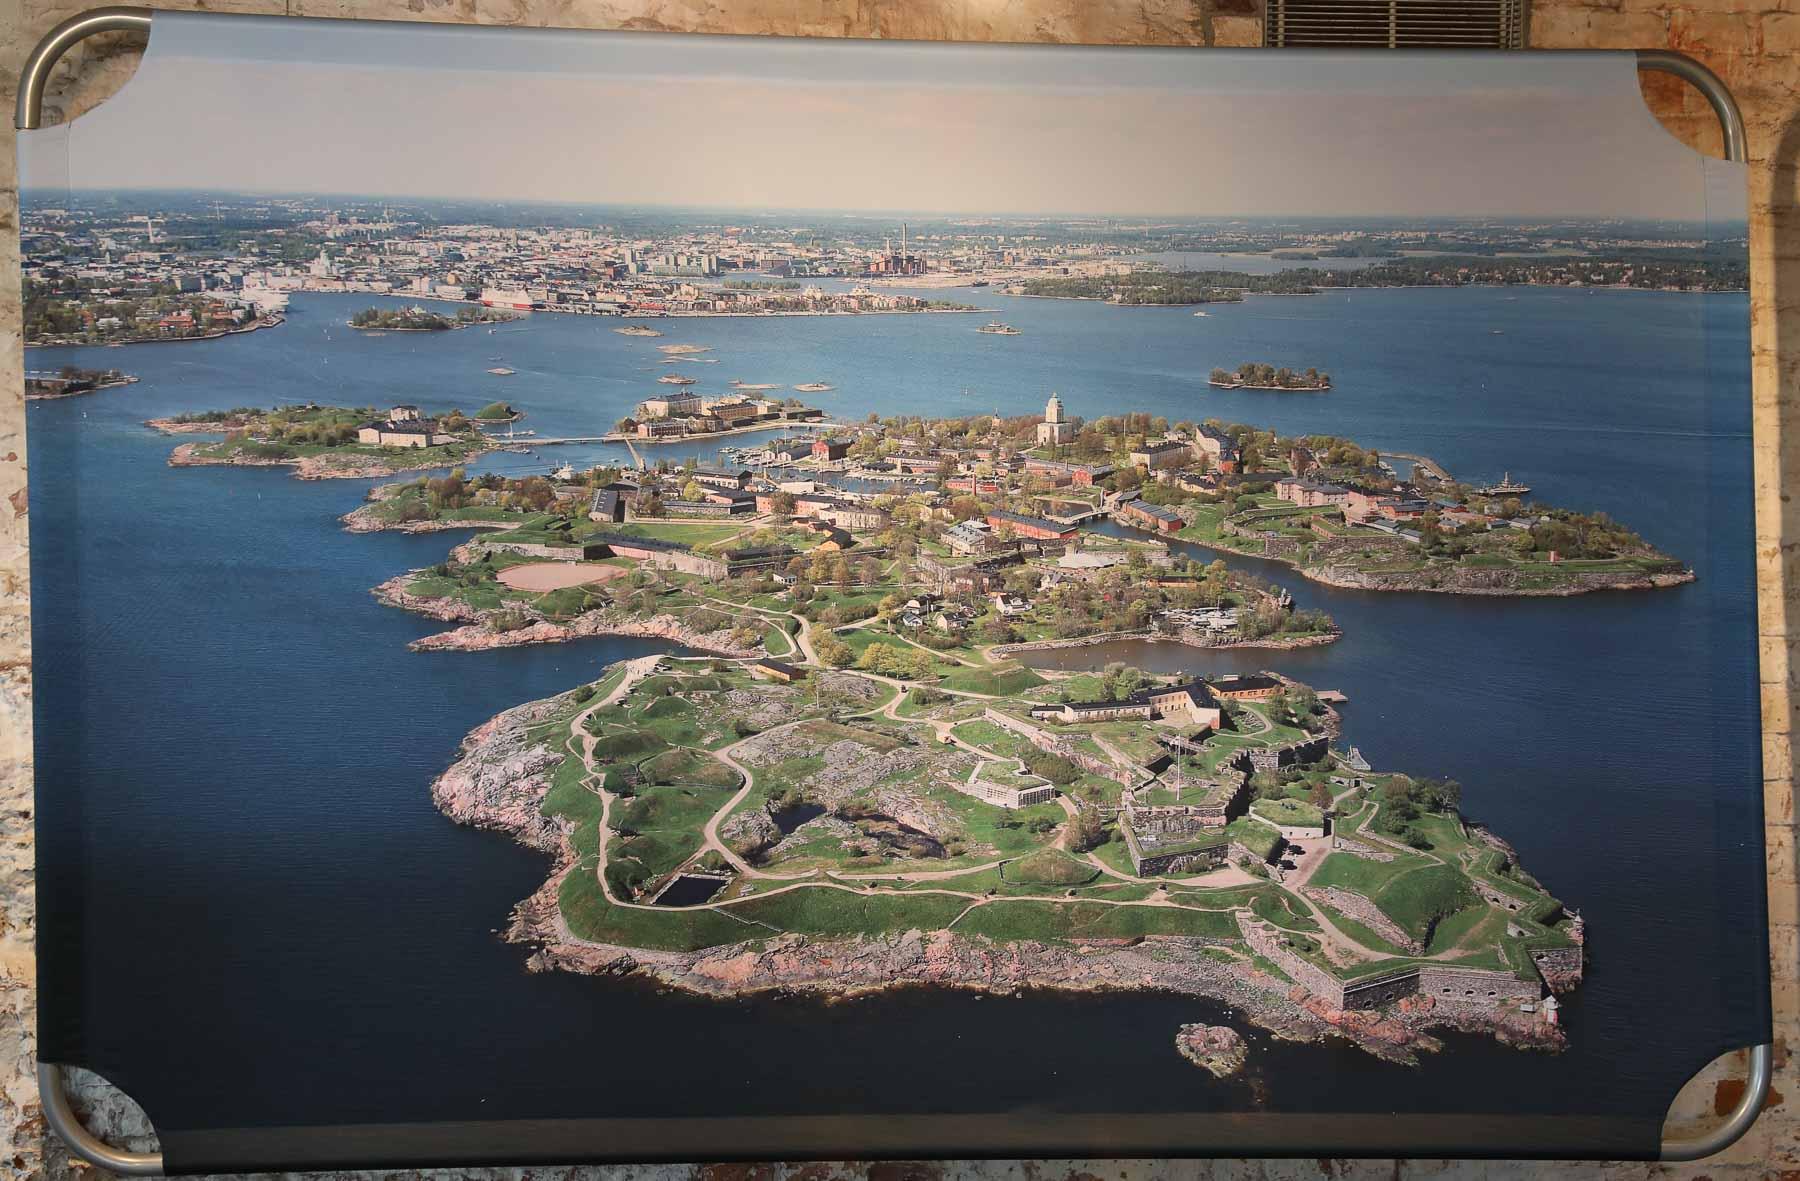 Die Festung liegt auf einer kleinen Inselgruppe vor den Toren Helsinkis